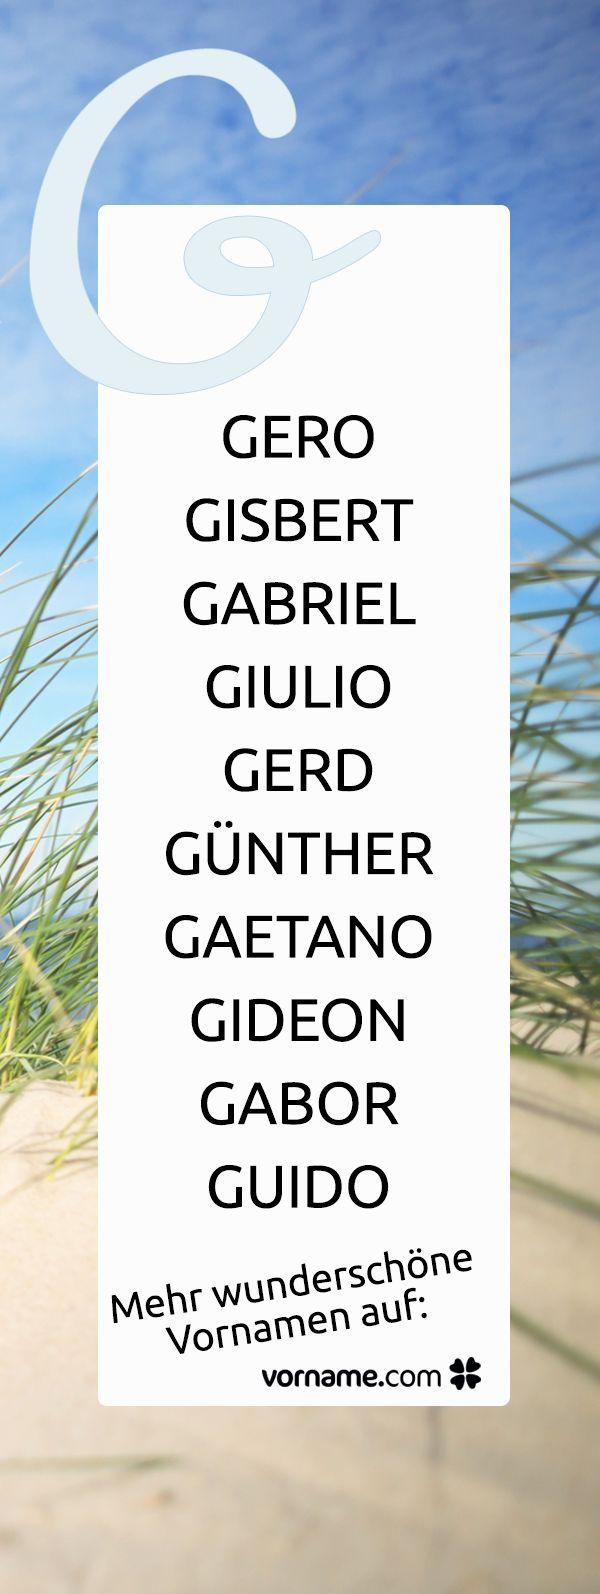 Du bist auf der Suche nach einem schönen Jungennamen, der mit G beginnt? Bei uns findest Du alle Vornamen zu diesem Thema!